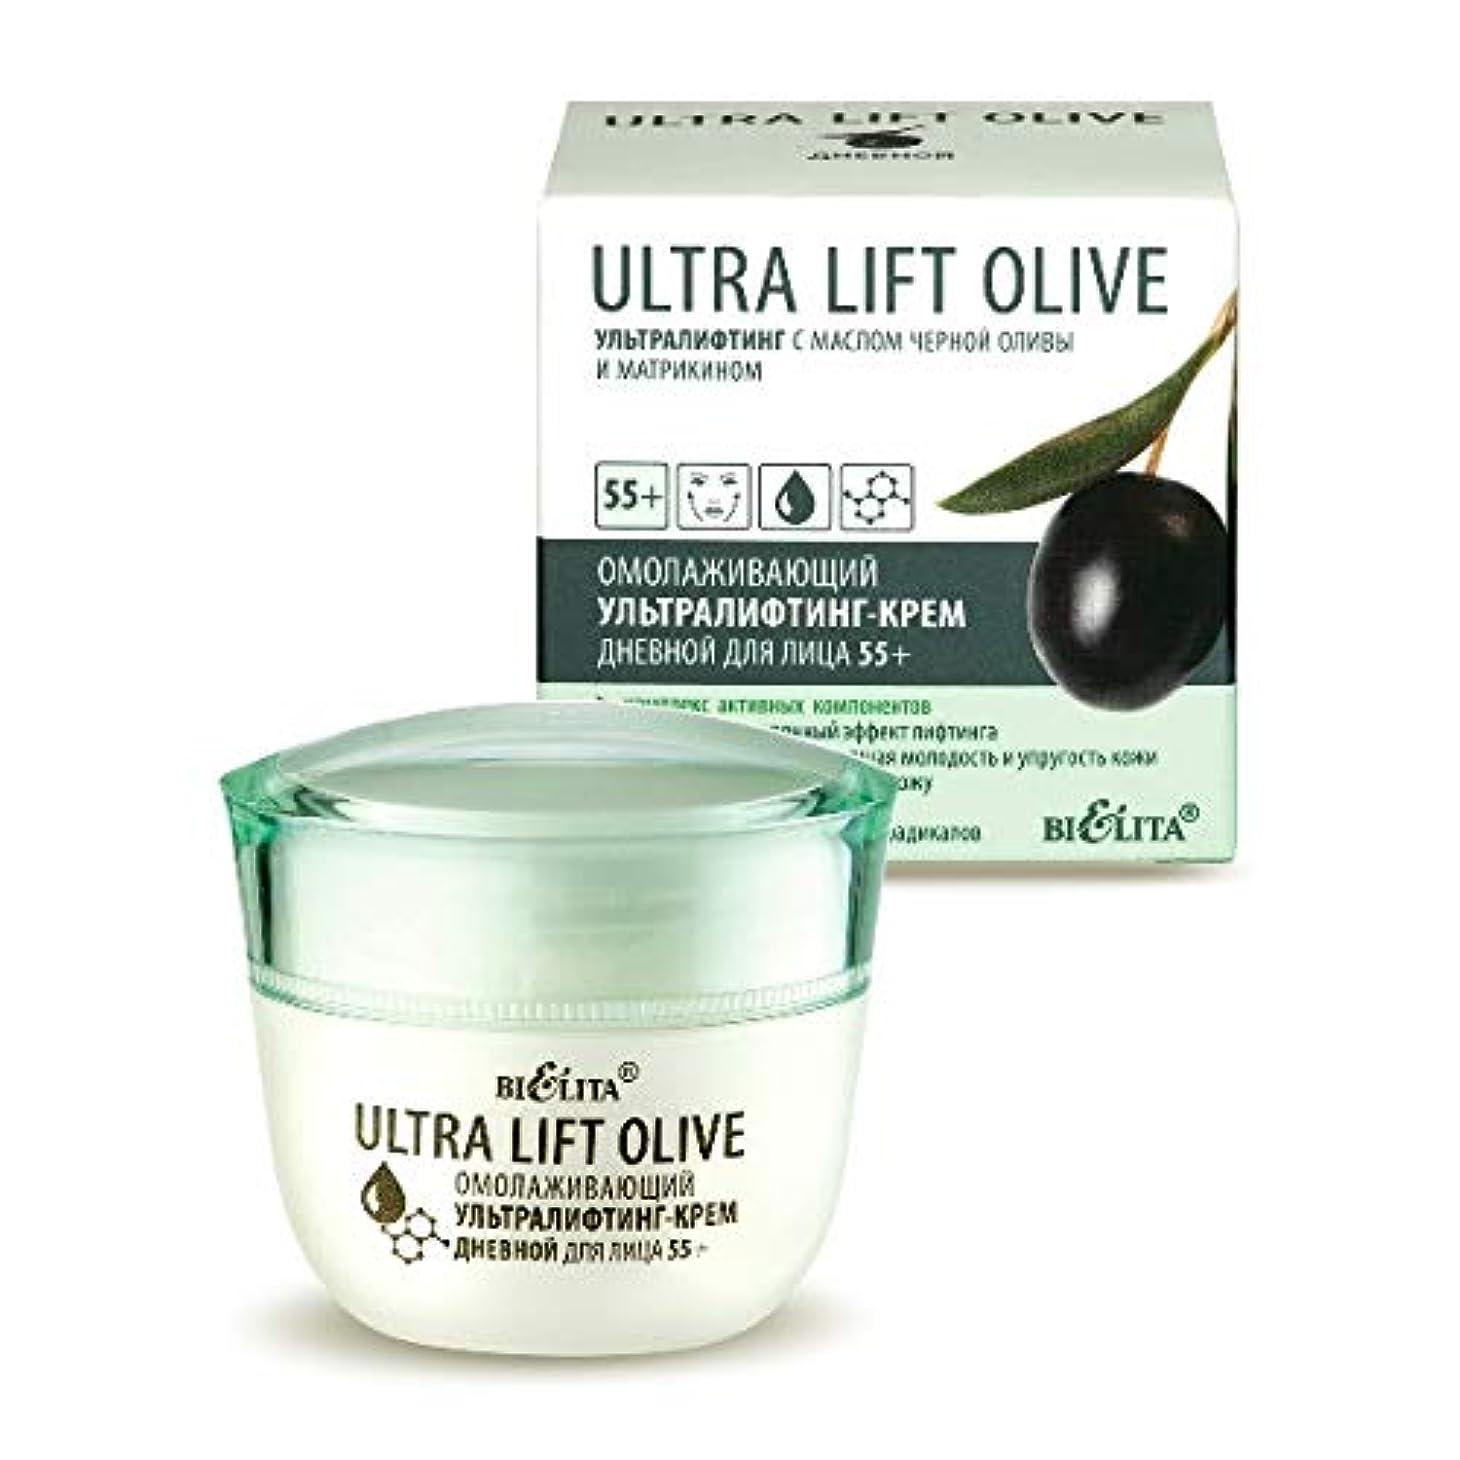 疑い者くさびジャベスウィルソンBielita & Vitex | Ultra lift olive | Face Lift Cream daytime ultralighting-face cream 55+ | reduces wrinkles and skin elasticity